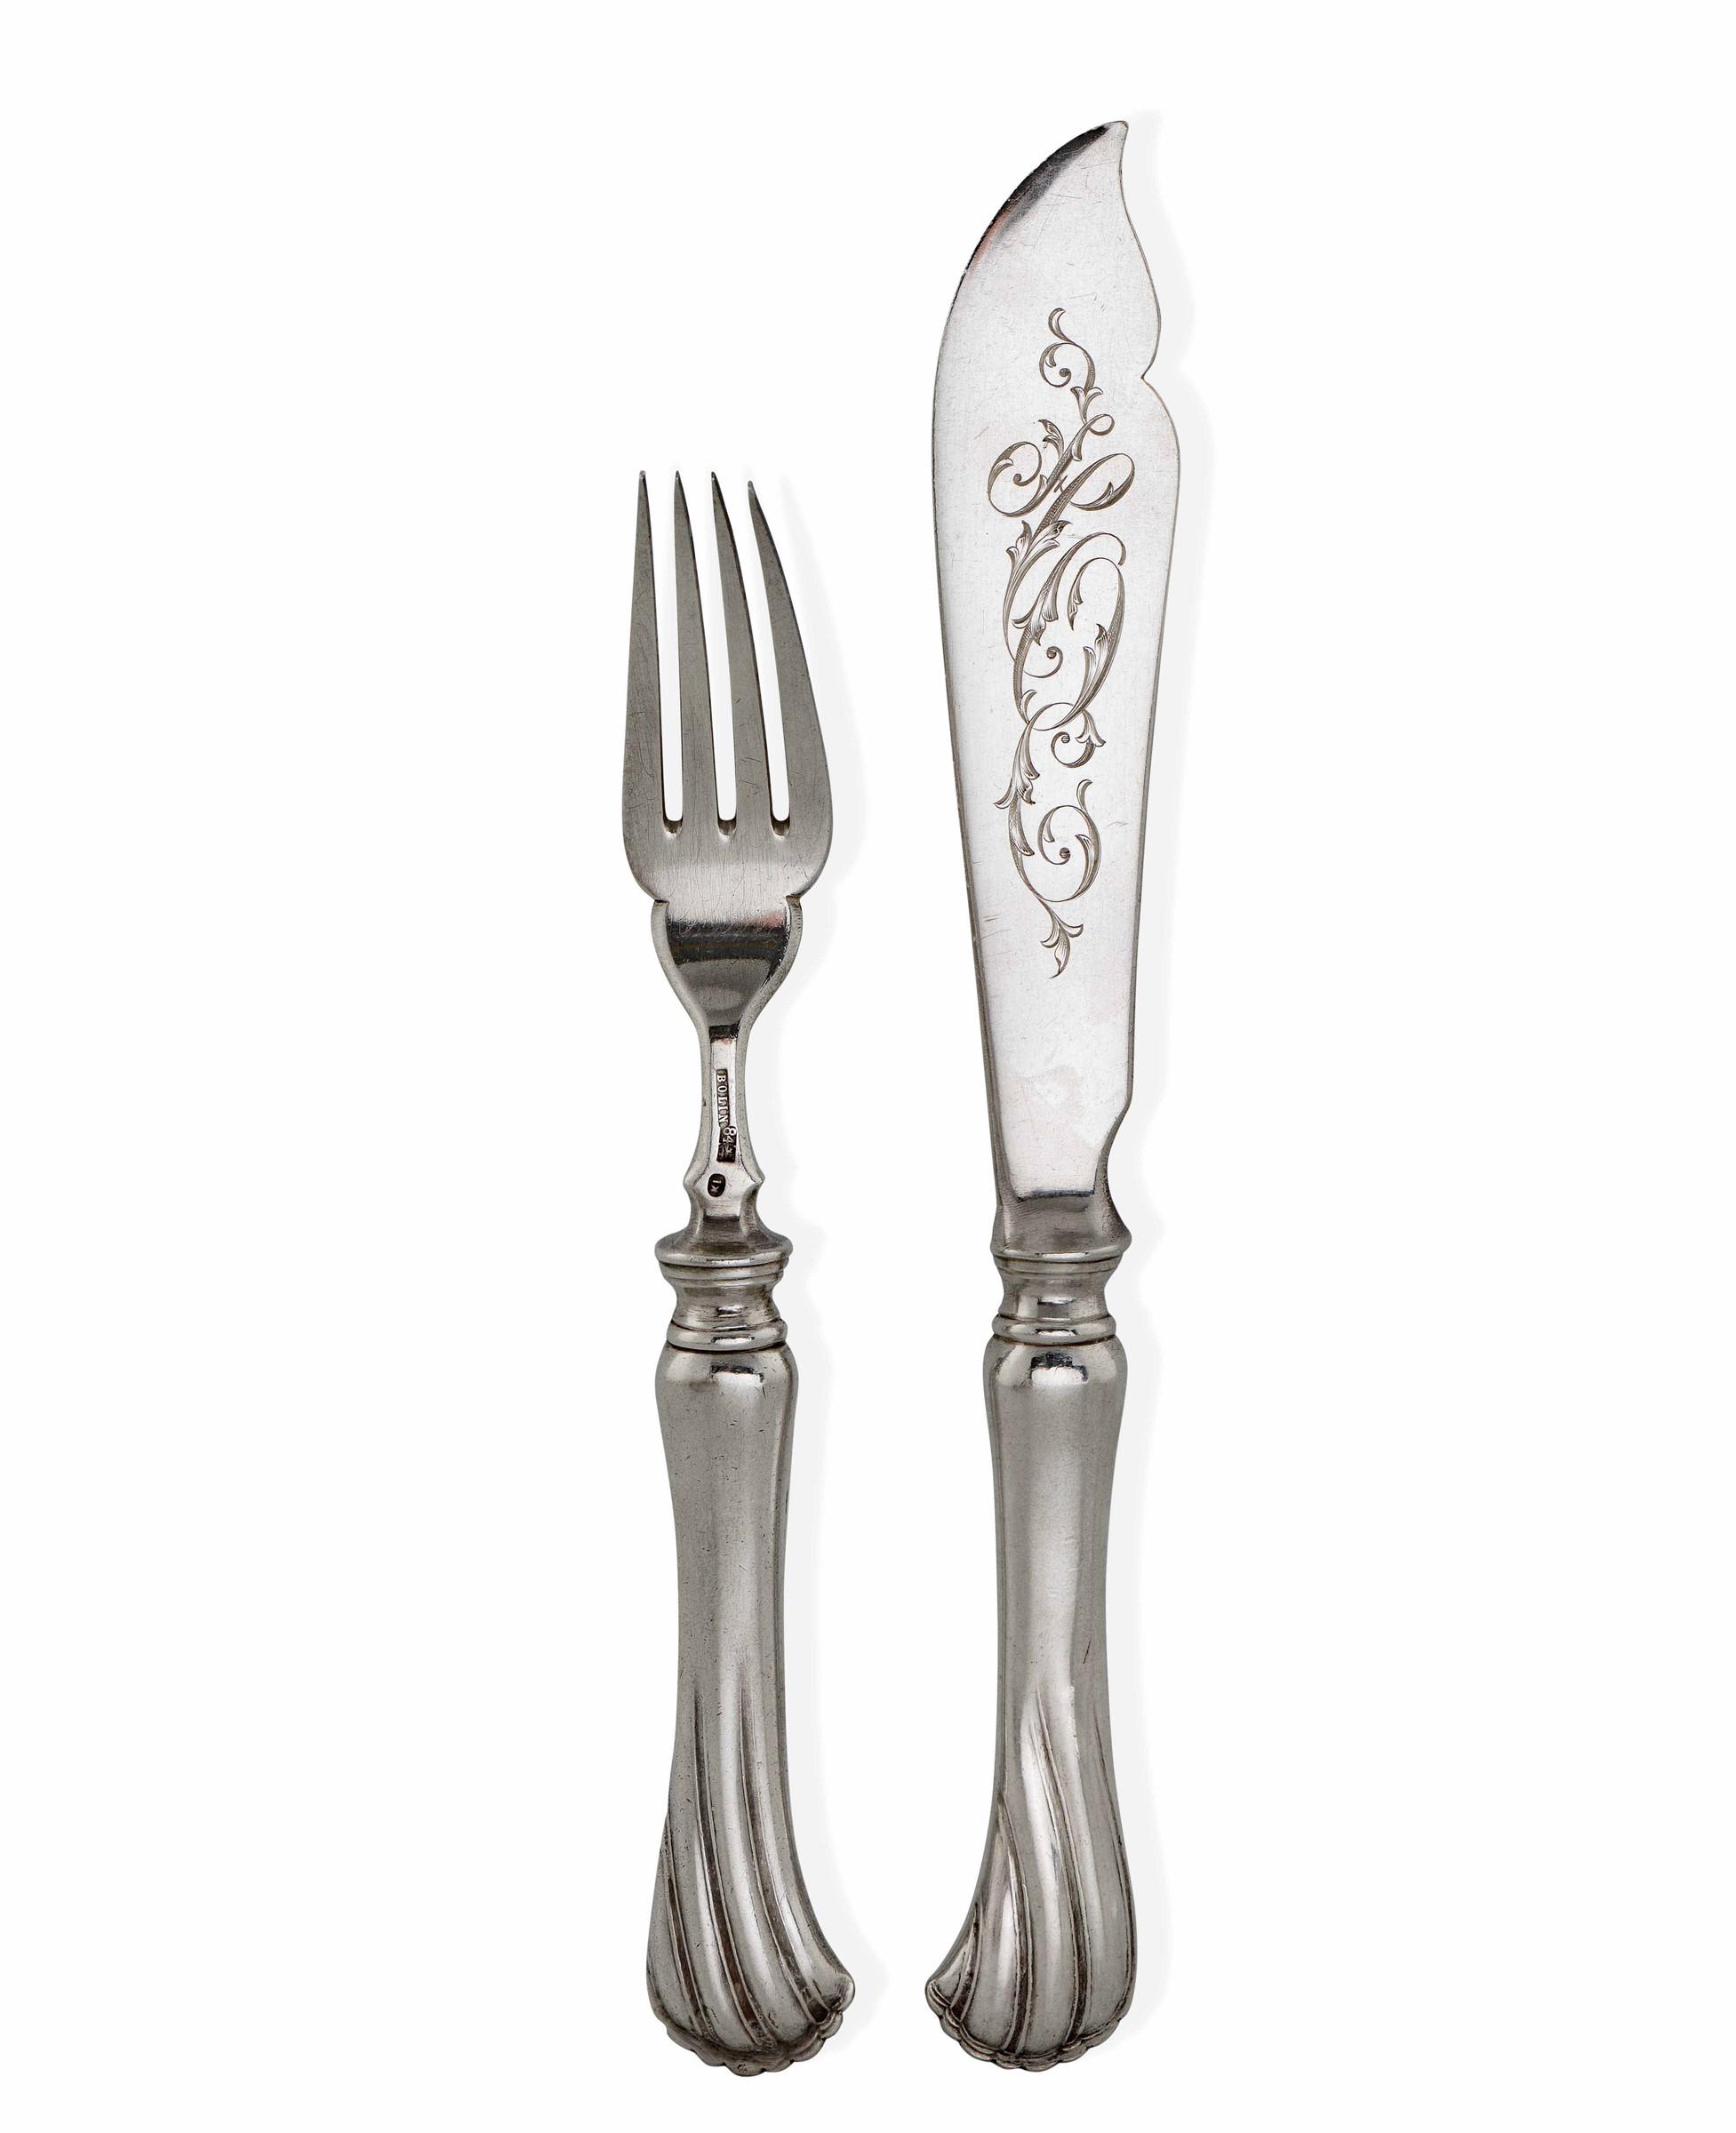 Servizio di 12 posate da pesce in argento composto da 6 forchette e 6 coltelli. Bolli [...]